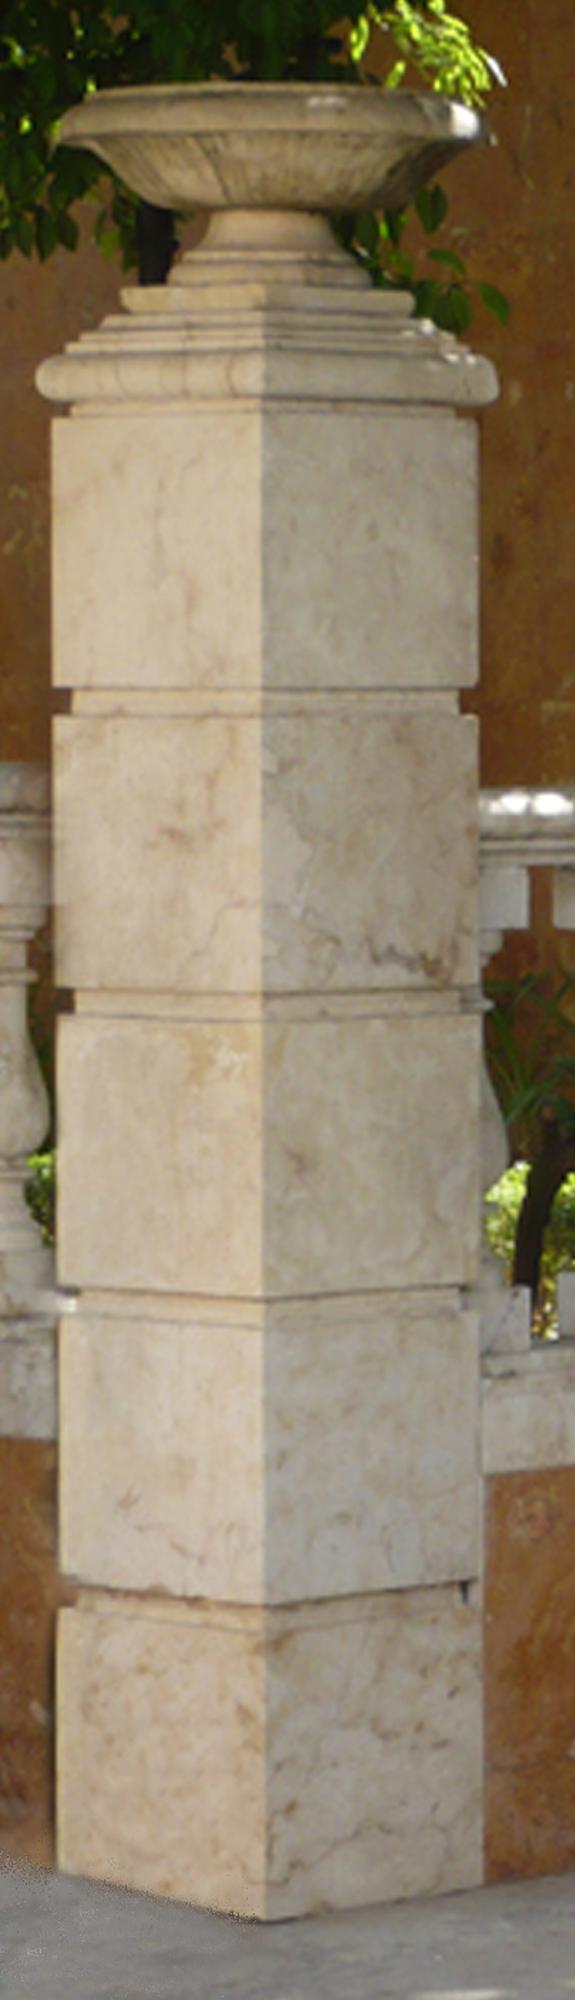 Monterrey_Columns Square_Galleria_575x2000_P1070604.jpg